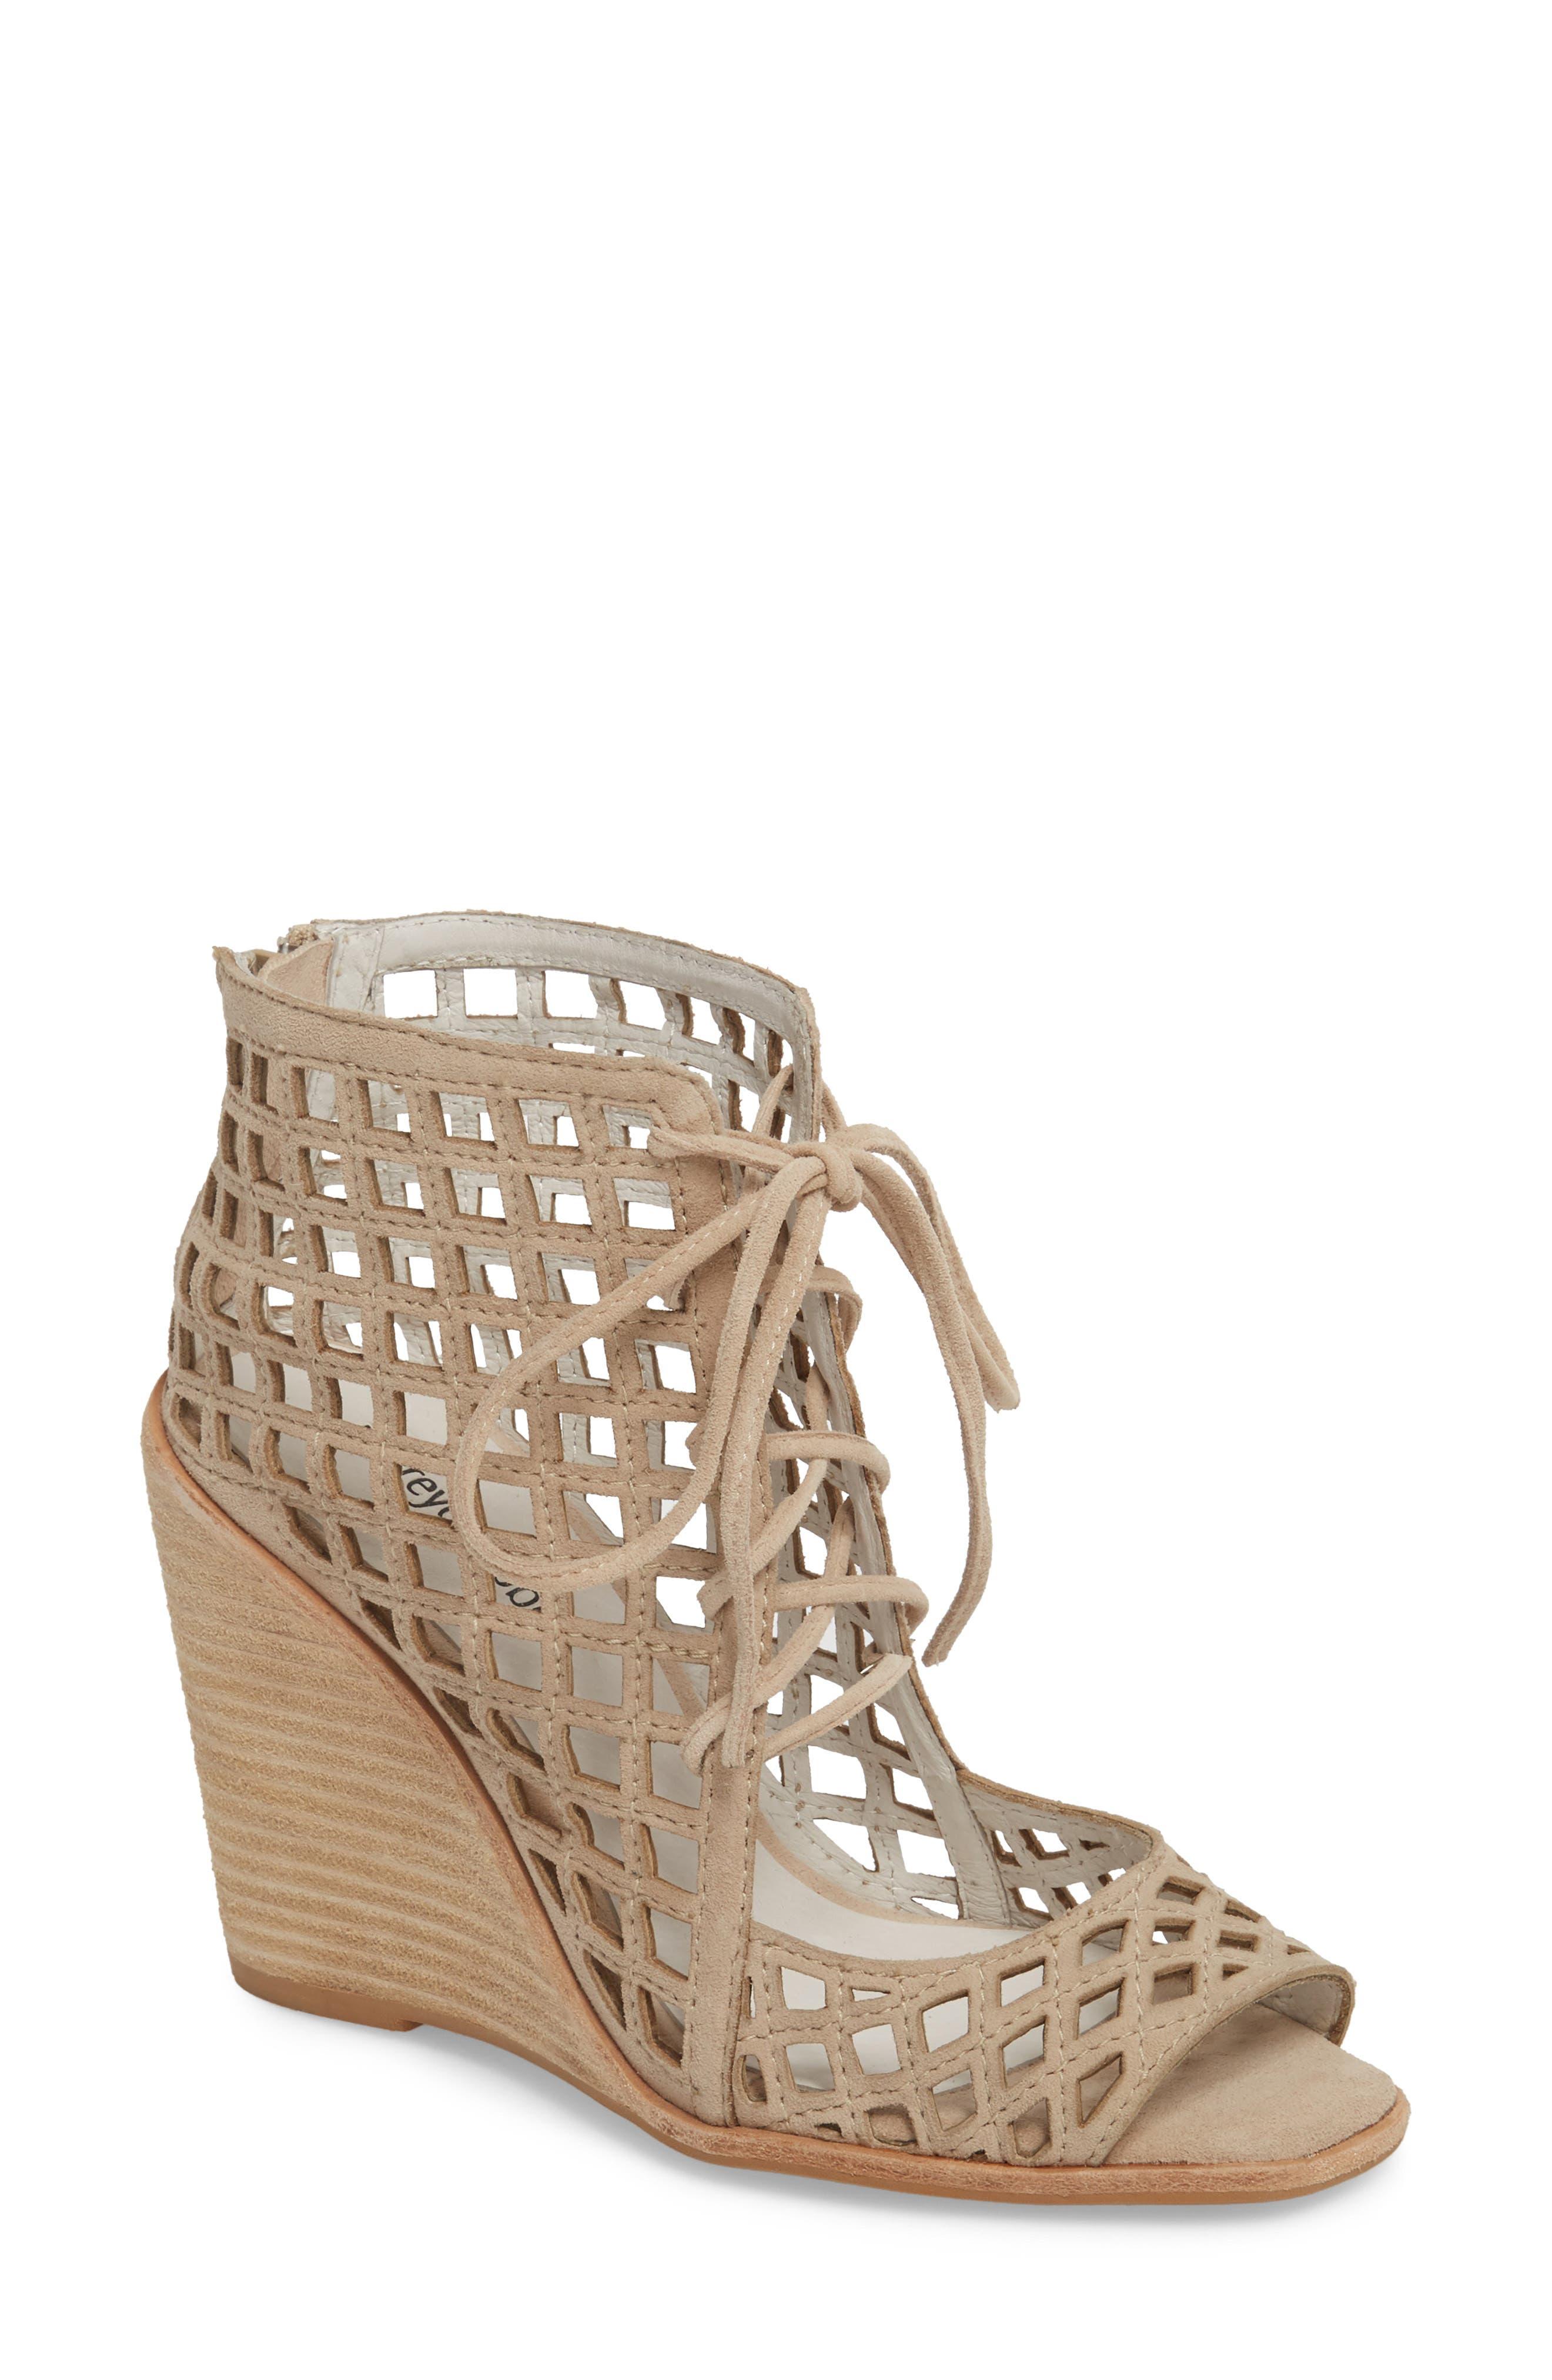 Cuadro-Hi Wedge Sandal,                         Main,                         color, Beige Suede